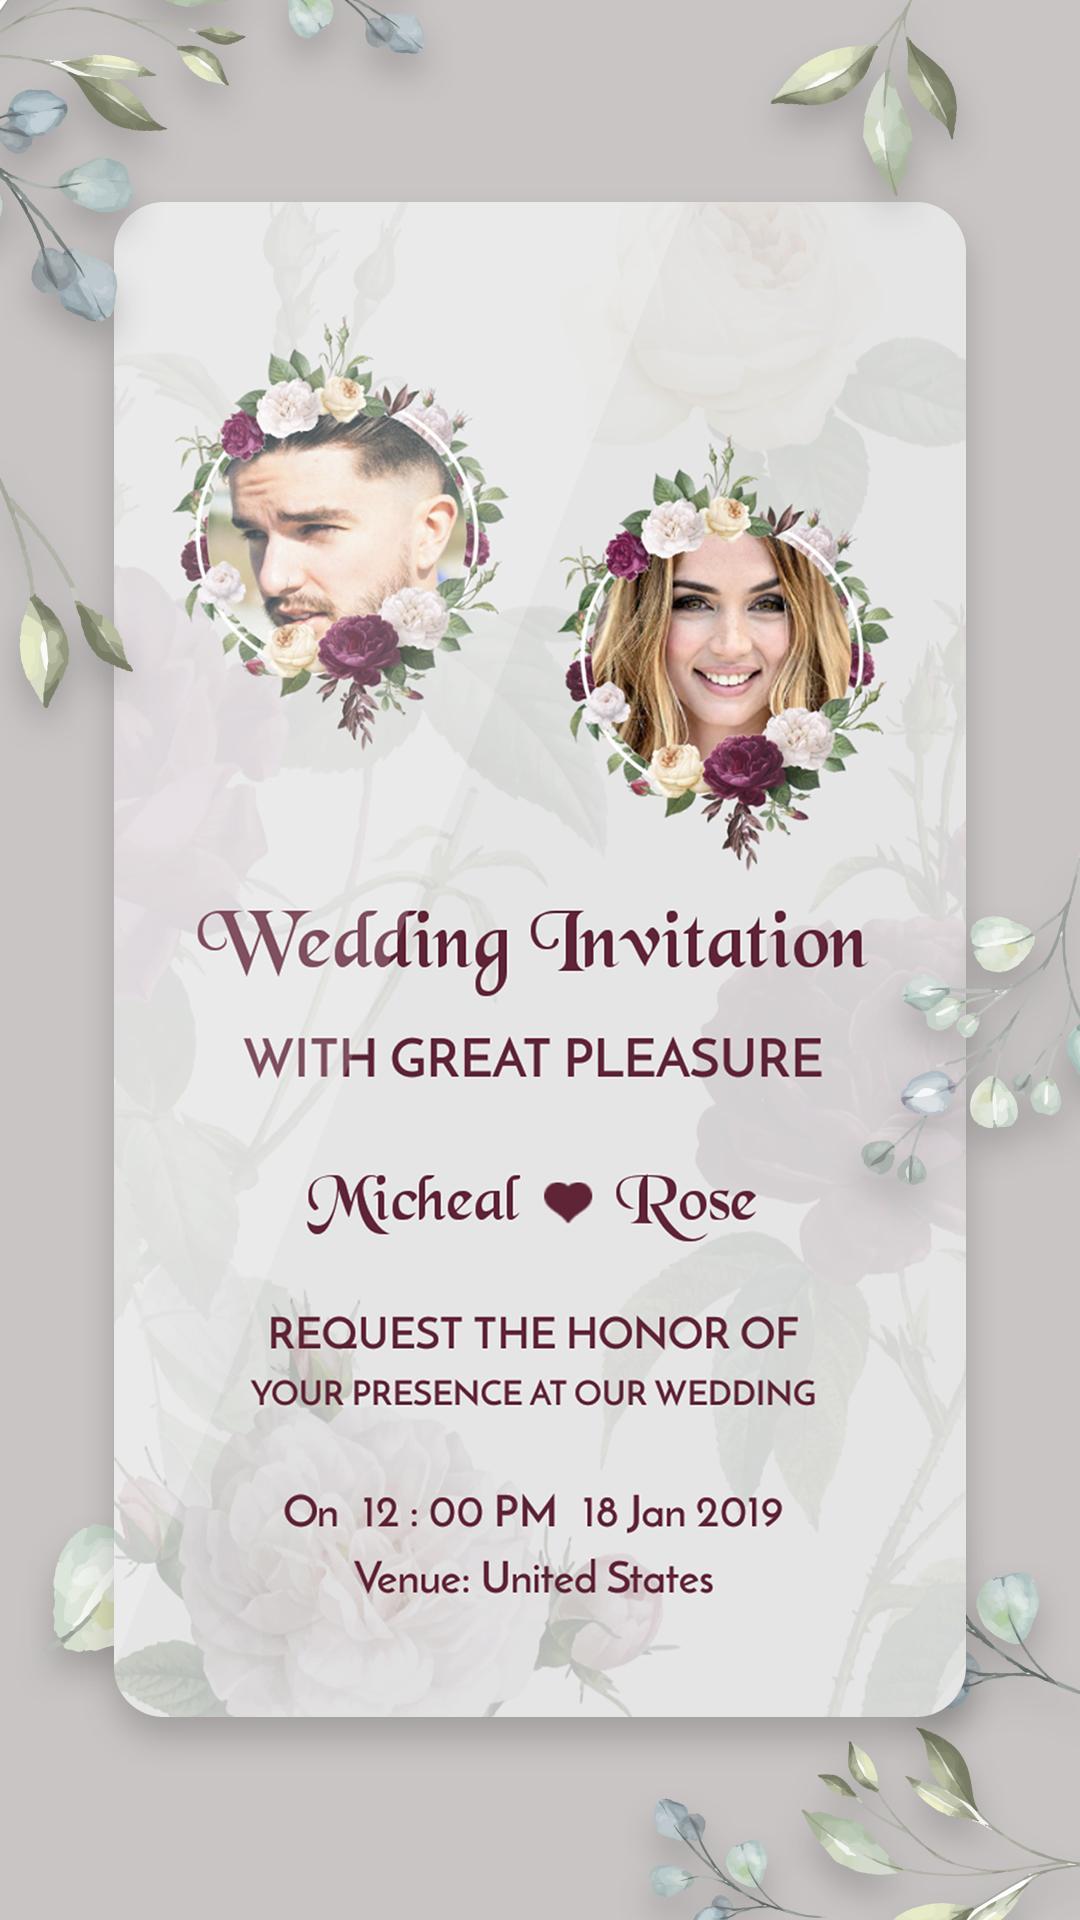 Wedding Card Maker: Digital Invitation Card Maker for Android - APK Download